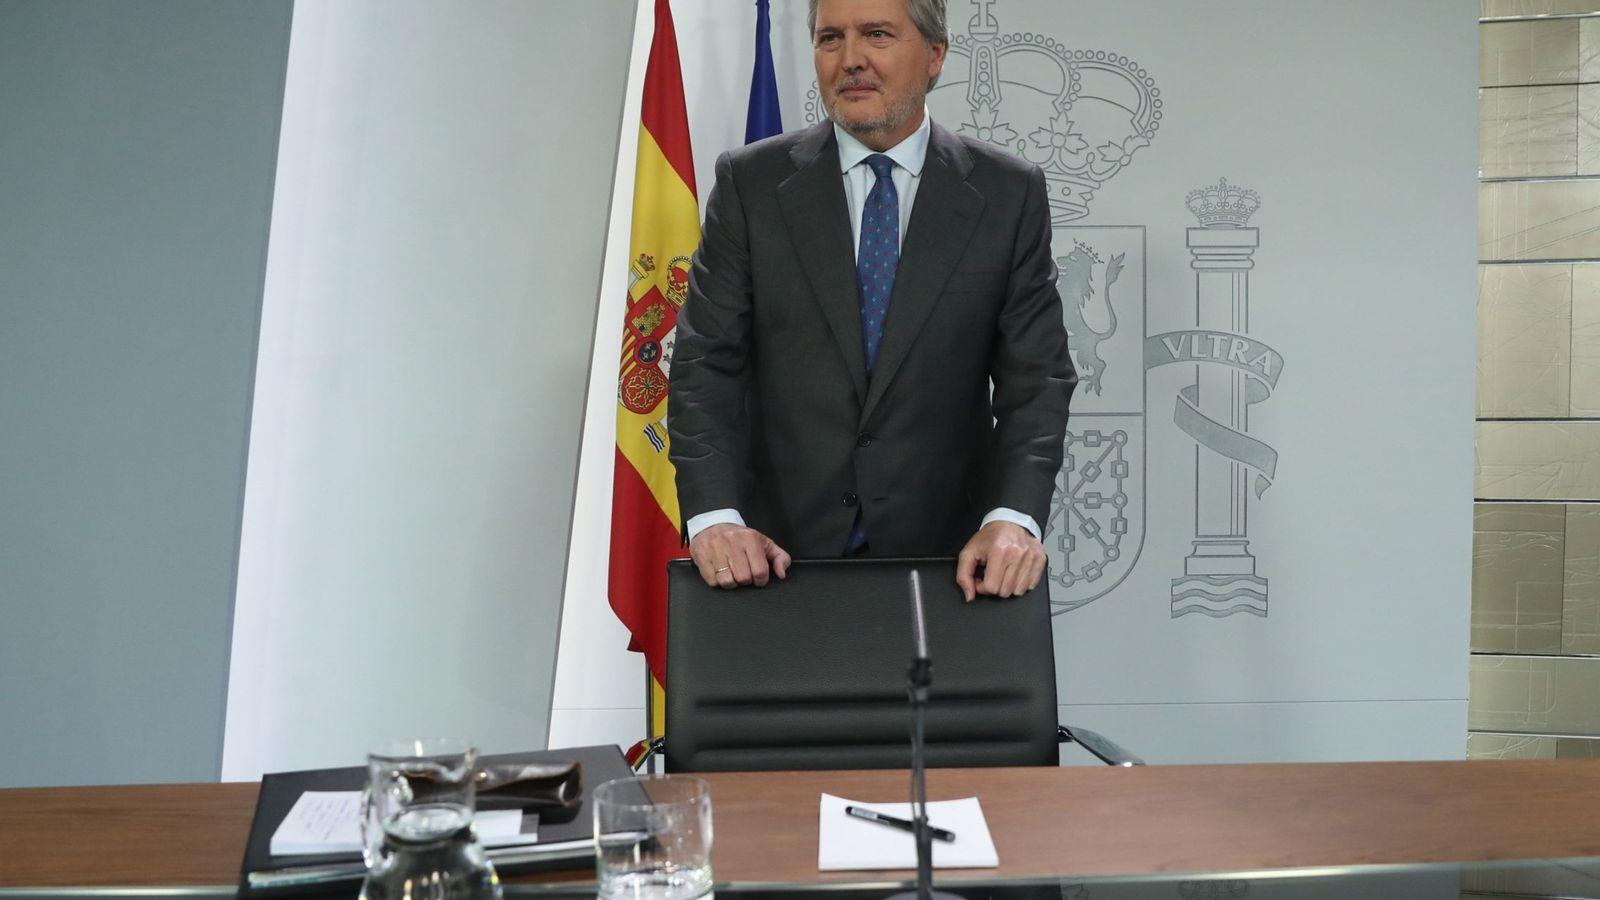 Foto: El portavoz del Gobierno, Íñigo Méndez de Vigo. (Reuters)